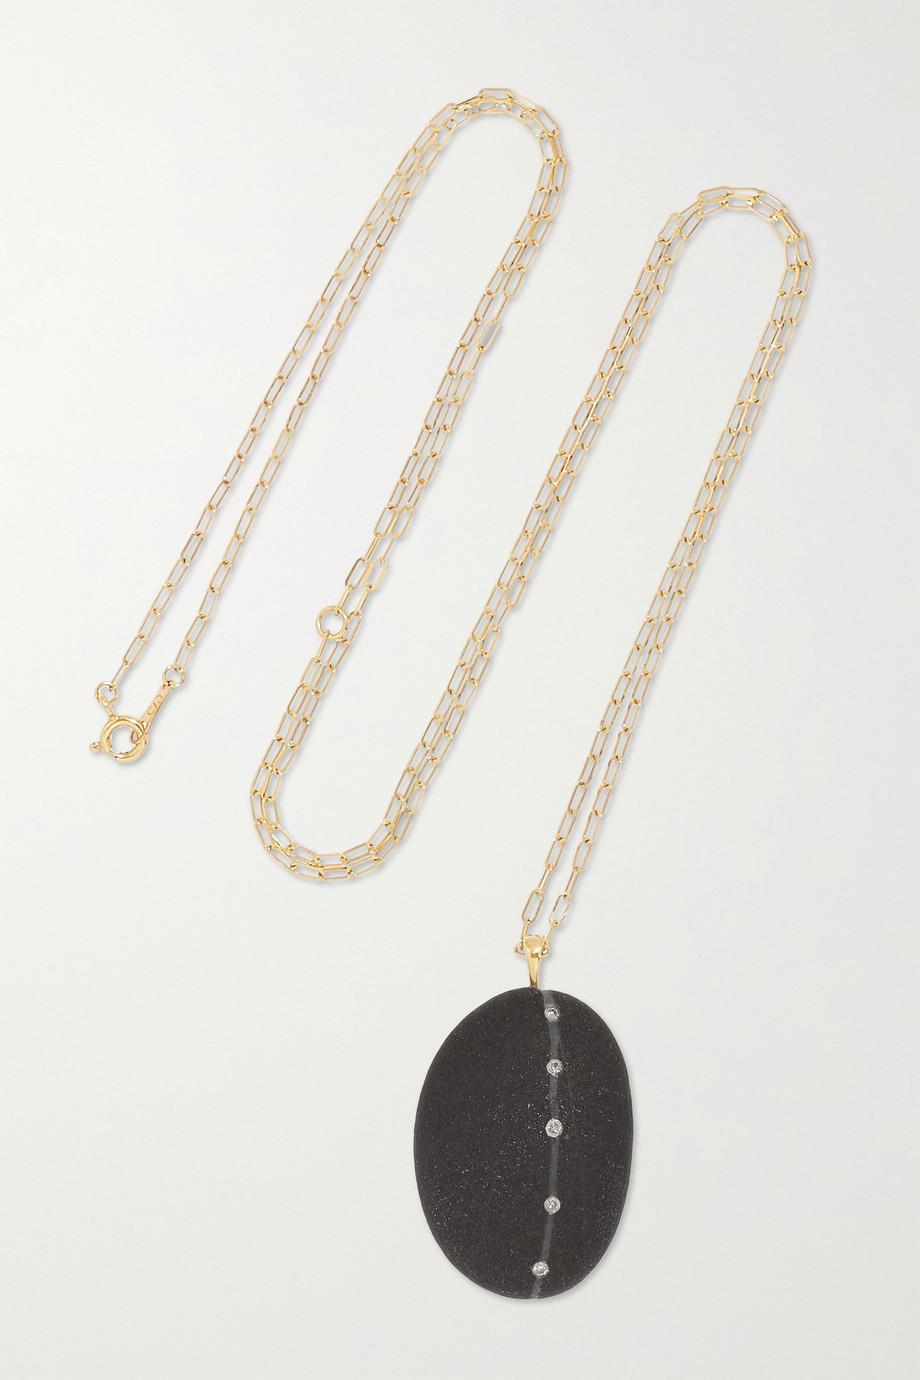 CVC Stones Collier en or 18 carats, galet et diamants Daegan